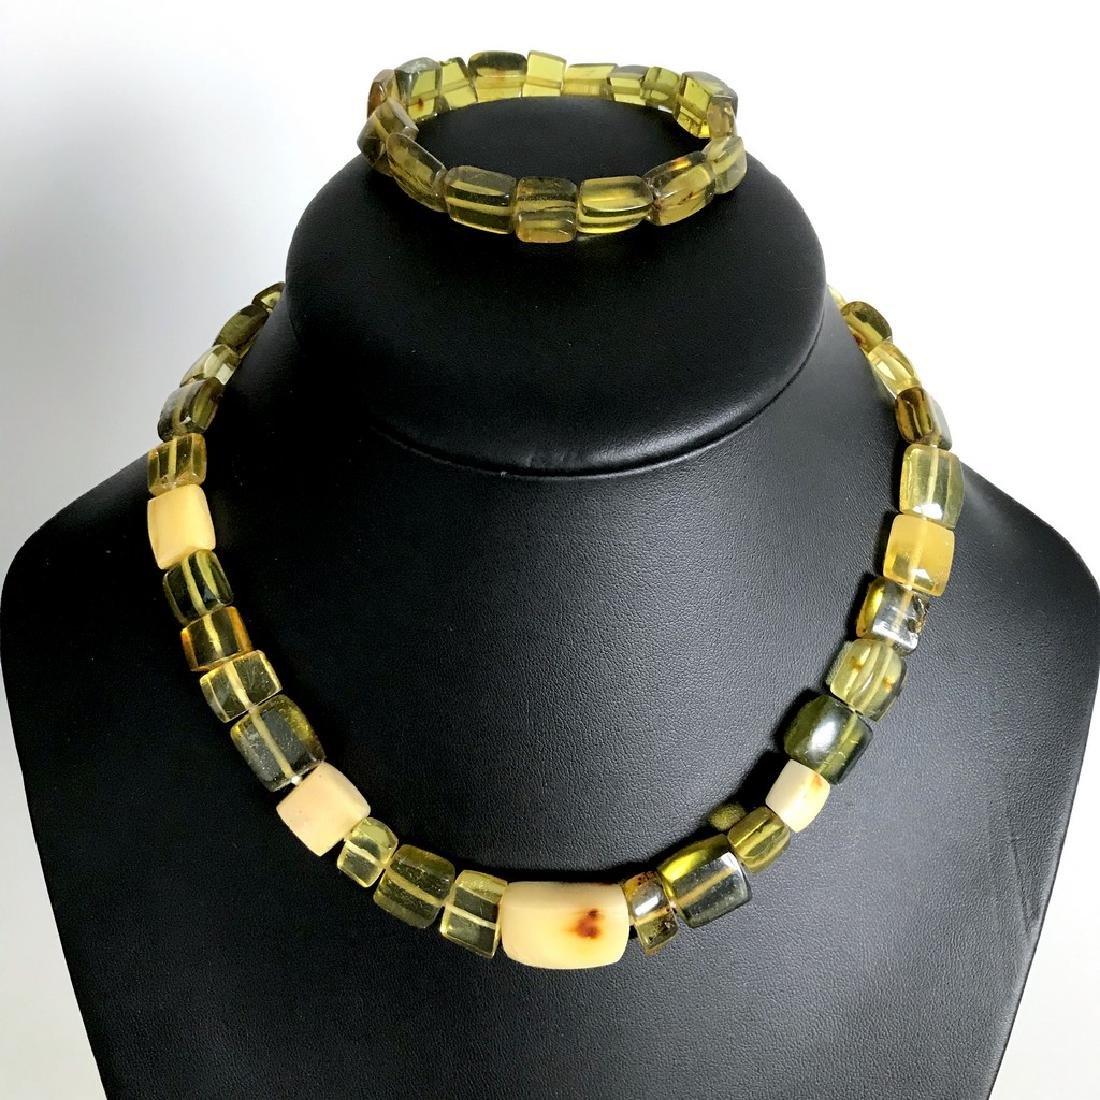 Vintage Necklace & bracelet set green amber with